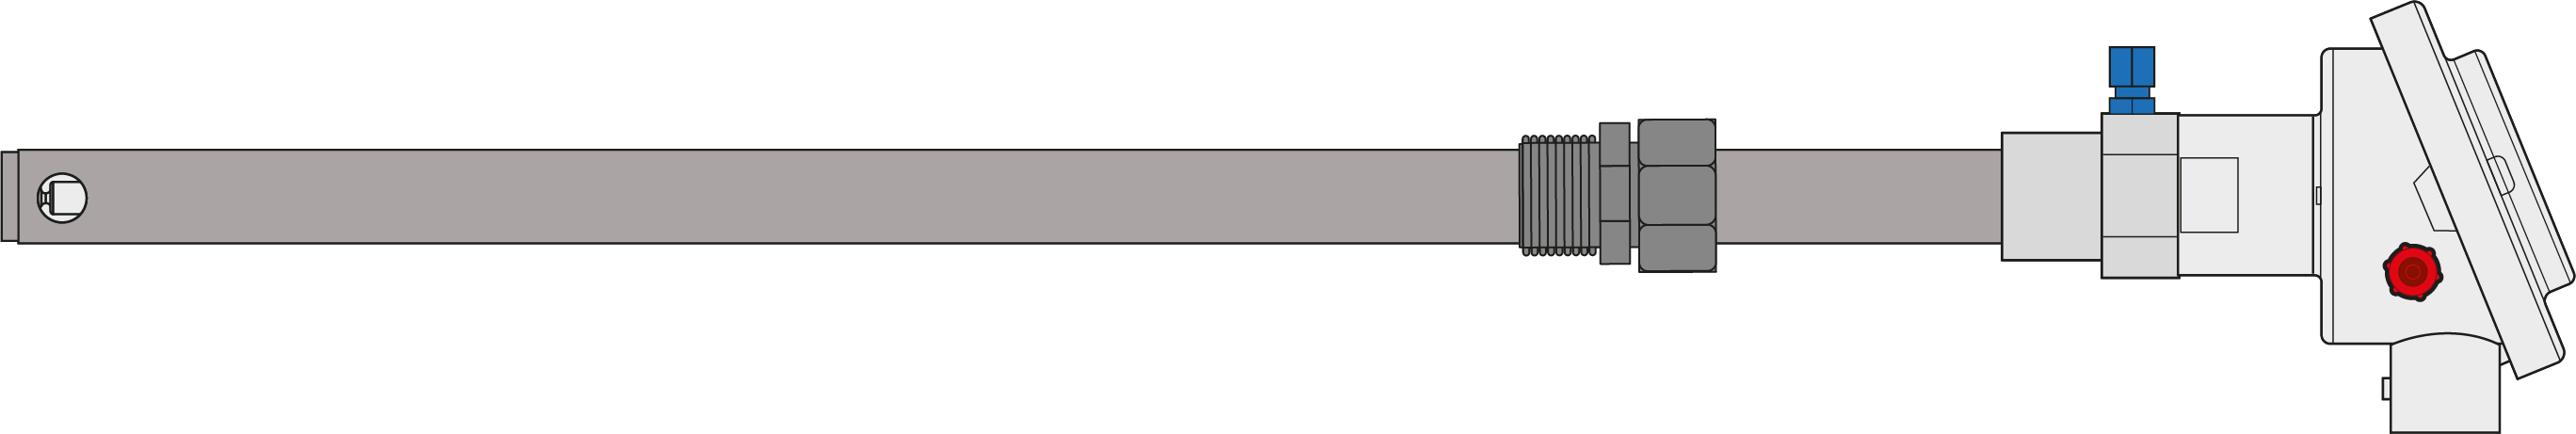 CARBOPROBE ZS PRO POUR TRAITEMENT THERMIQUE (%C)